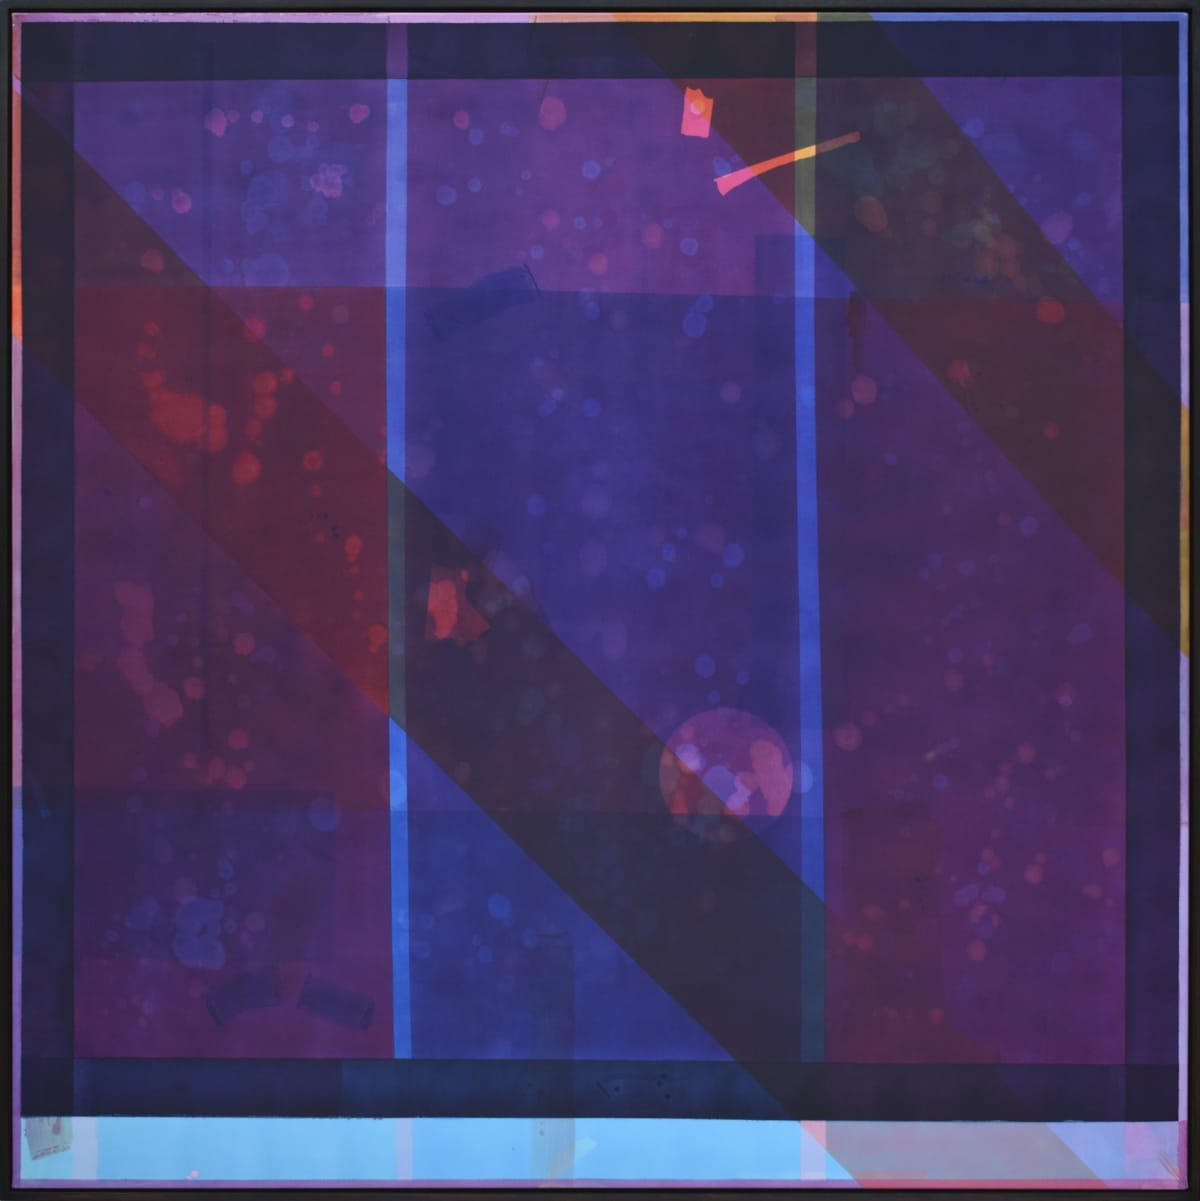 DANIELS, MAXIMILIAN, Moon At Midnight, 2019